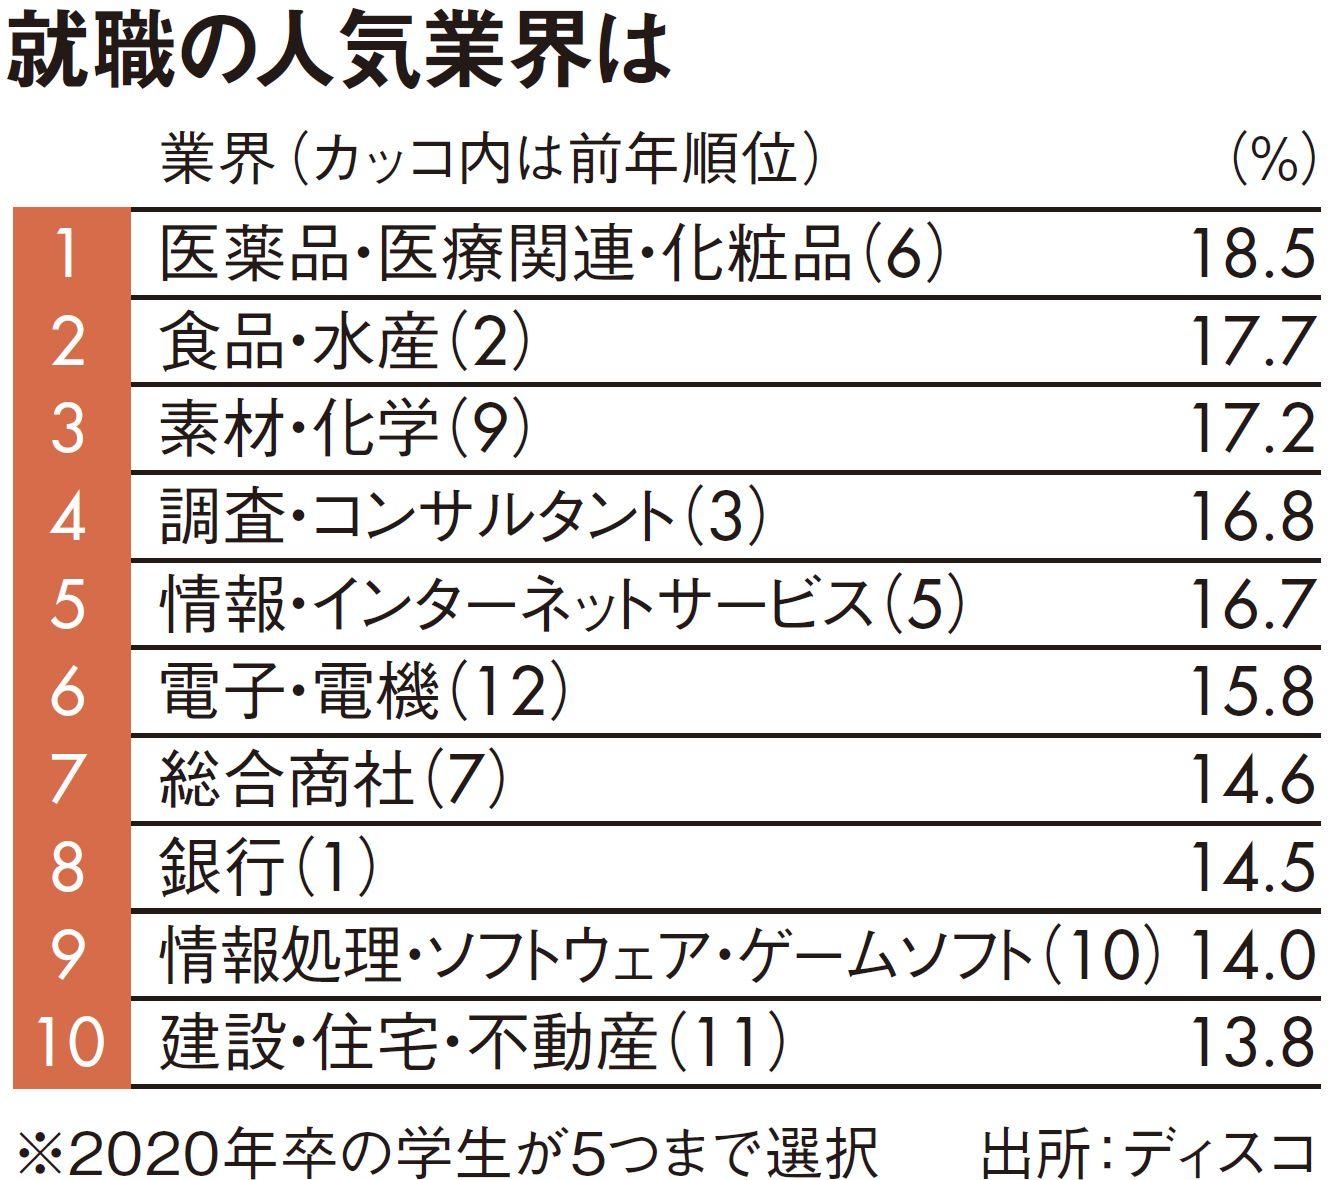 """2020年卒の学生""""就職人気業界トップ10"""" 「首位の銀行」が8位転落の理由 ..."""